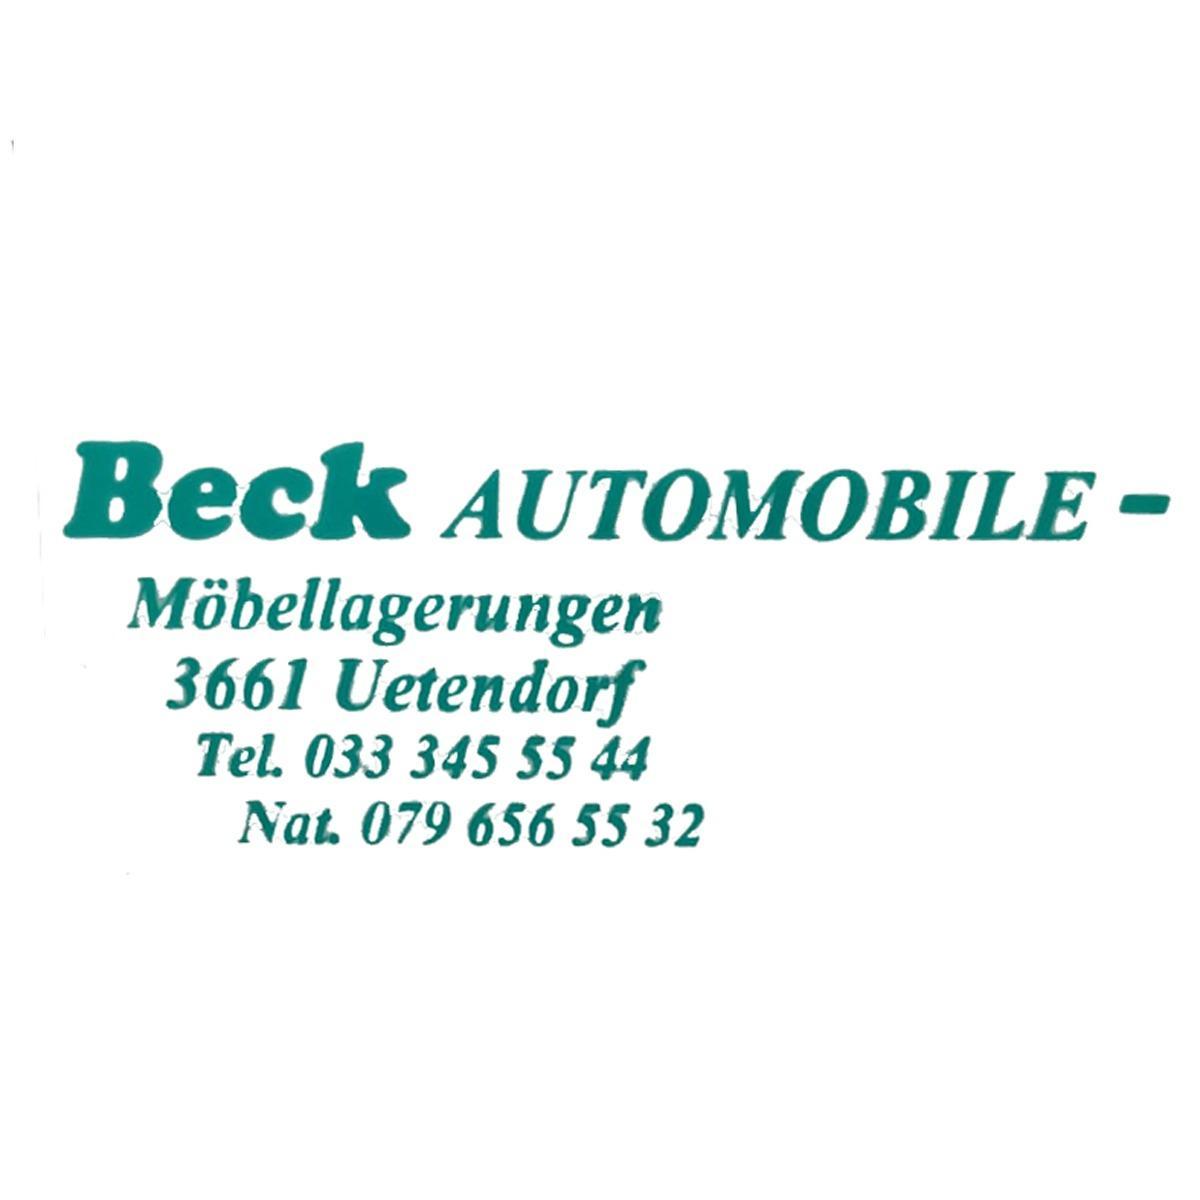 BECK-AUTOMOBILE | MÖBELLAGER